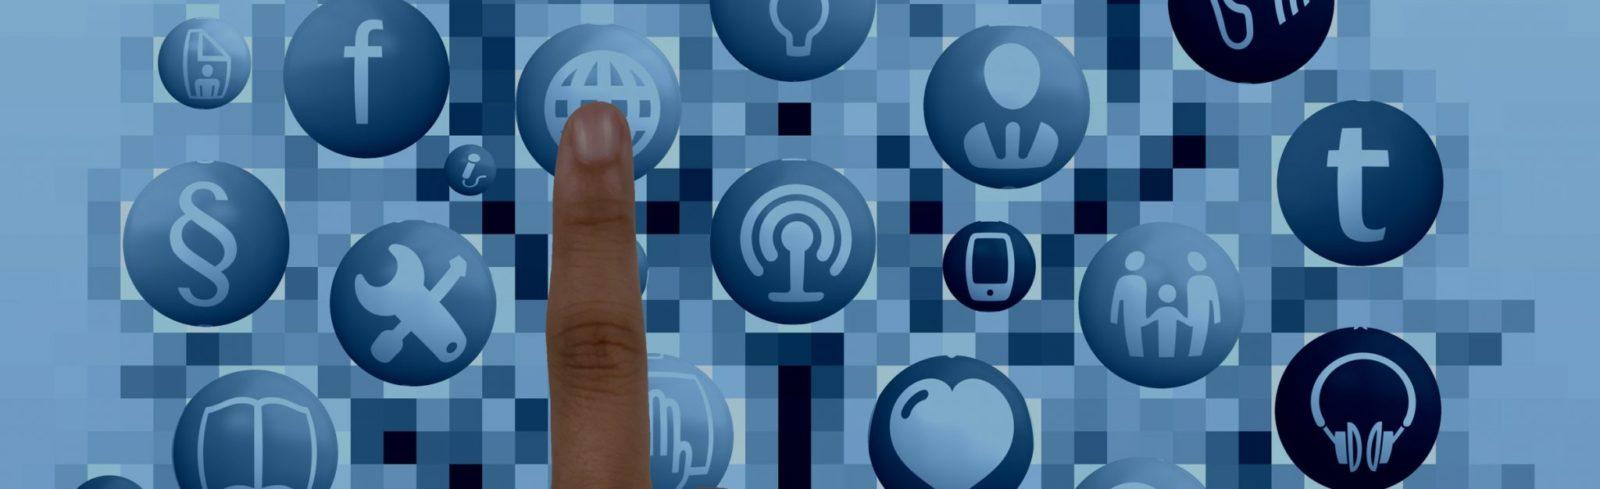 Servicios de la Sociedad de la Información y Comercio Electrónico